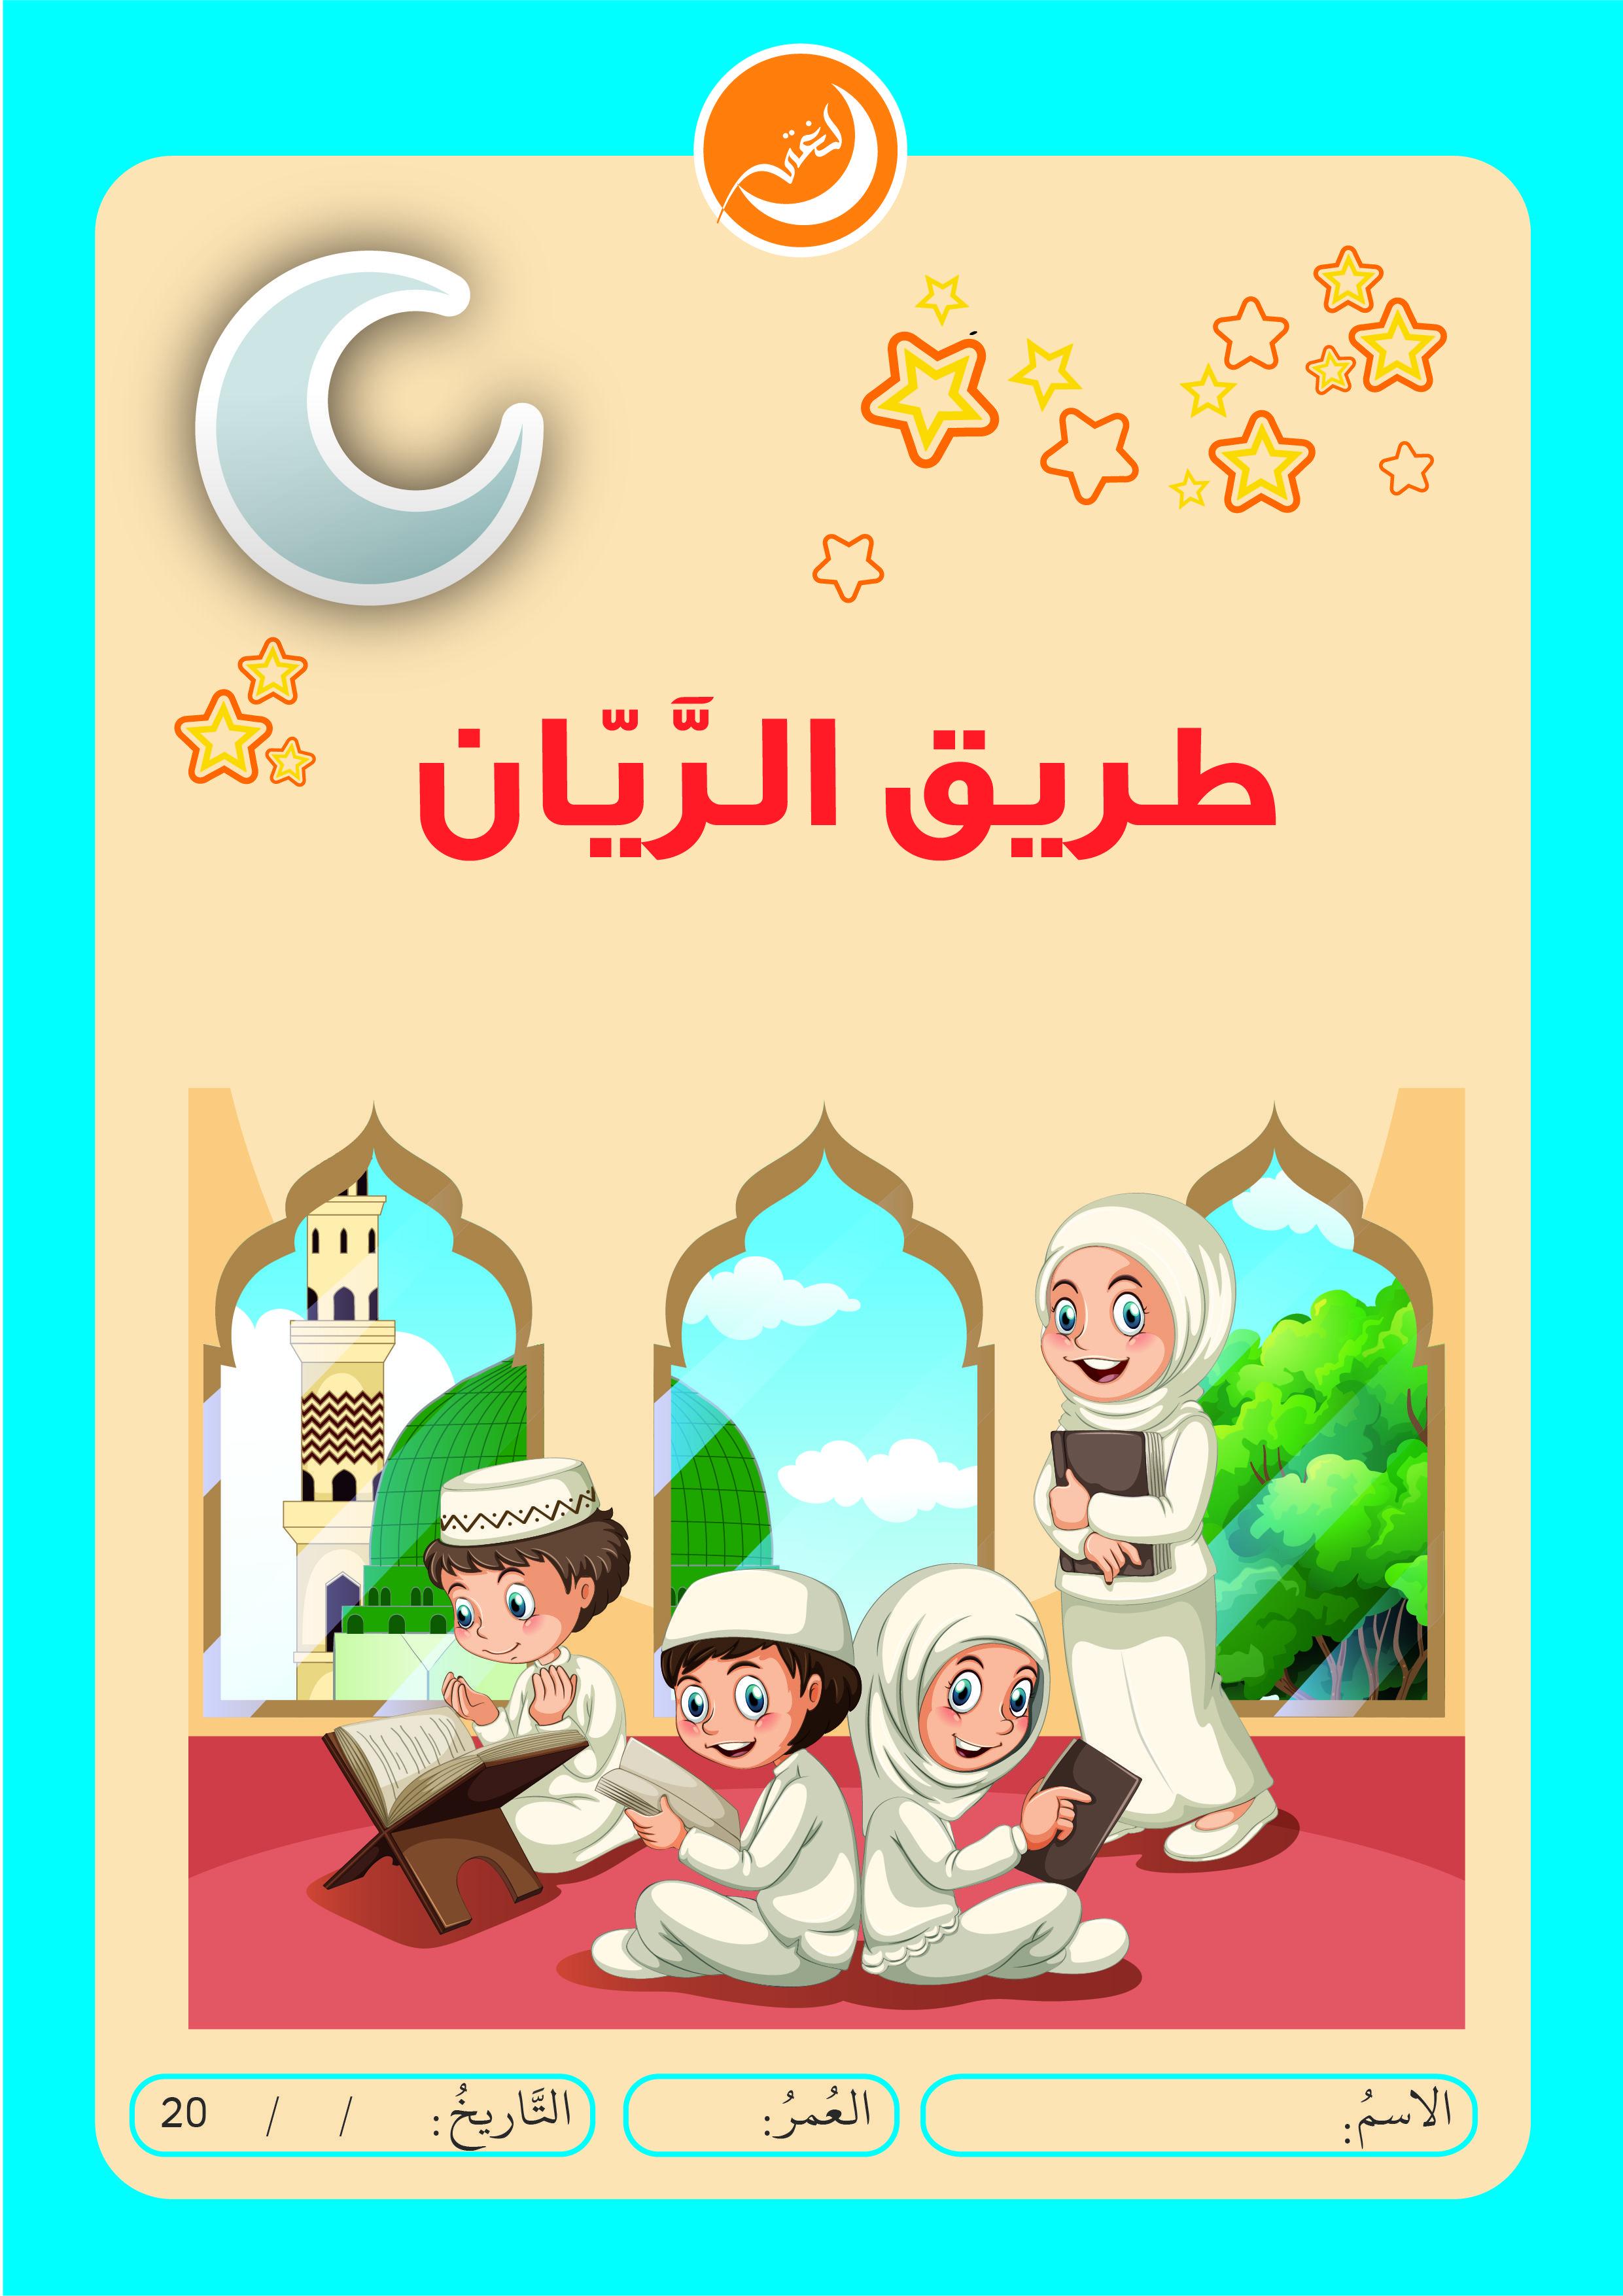 هيا نتعلم لغتنا العربية Islam For Kids Art Drawings For Kids Ramadan